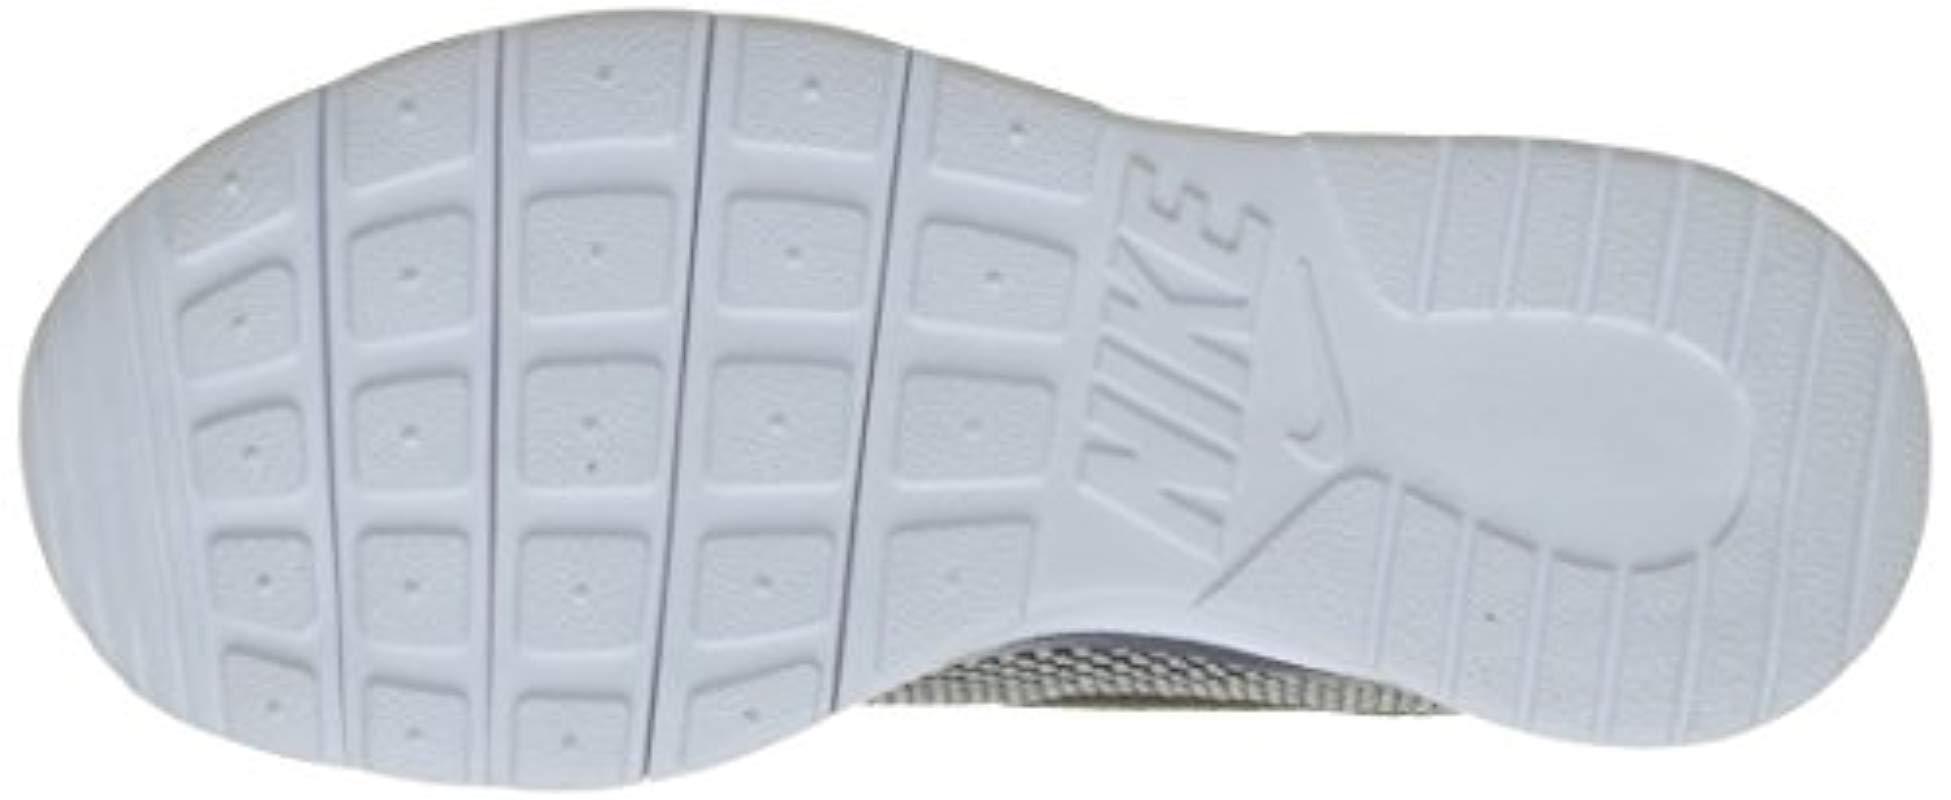 online store bde1b dccc1 Nike - Blue Tanjun Racer (GS), Chaussures de Fitness garçon for Men -.  Afficher en plein écran